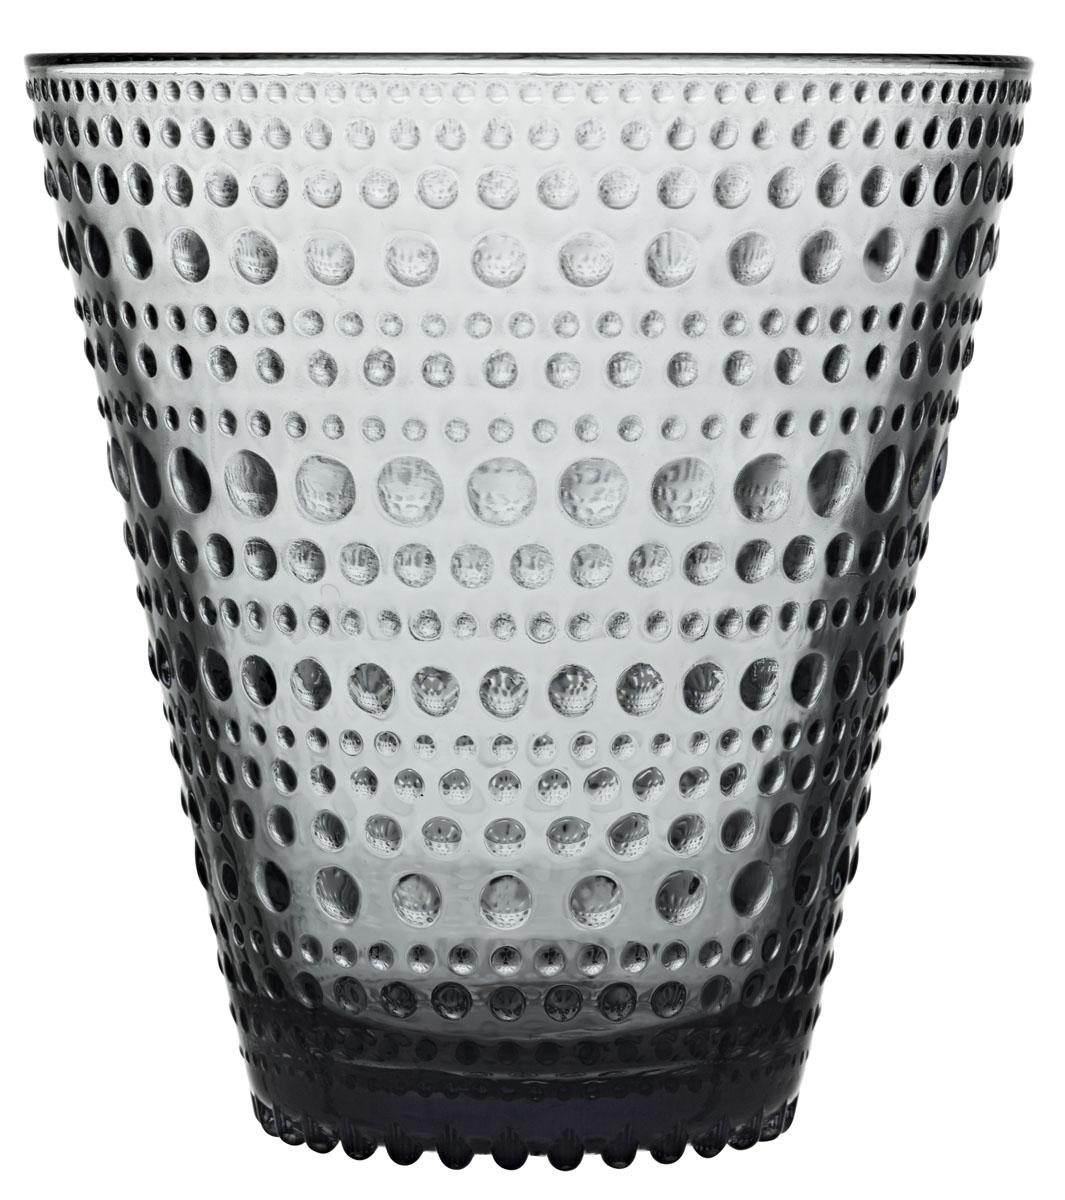 Набор стаканов Iittala Kastehelmi, цвет: серый, 300 мл, 2 шт1018765Стаканы Iittala выполнены из высококачественного стекла. Изделия имеют удобную изящнуюформу, которая позволит им комфортно лежать в вашей руке. Дизайн стаканов будет радовать глаз. Легкий и прочный материал обеспечитсохранность изделия в течение многих лет.